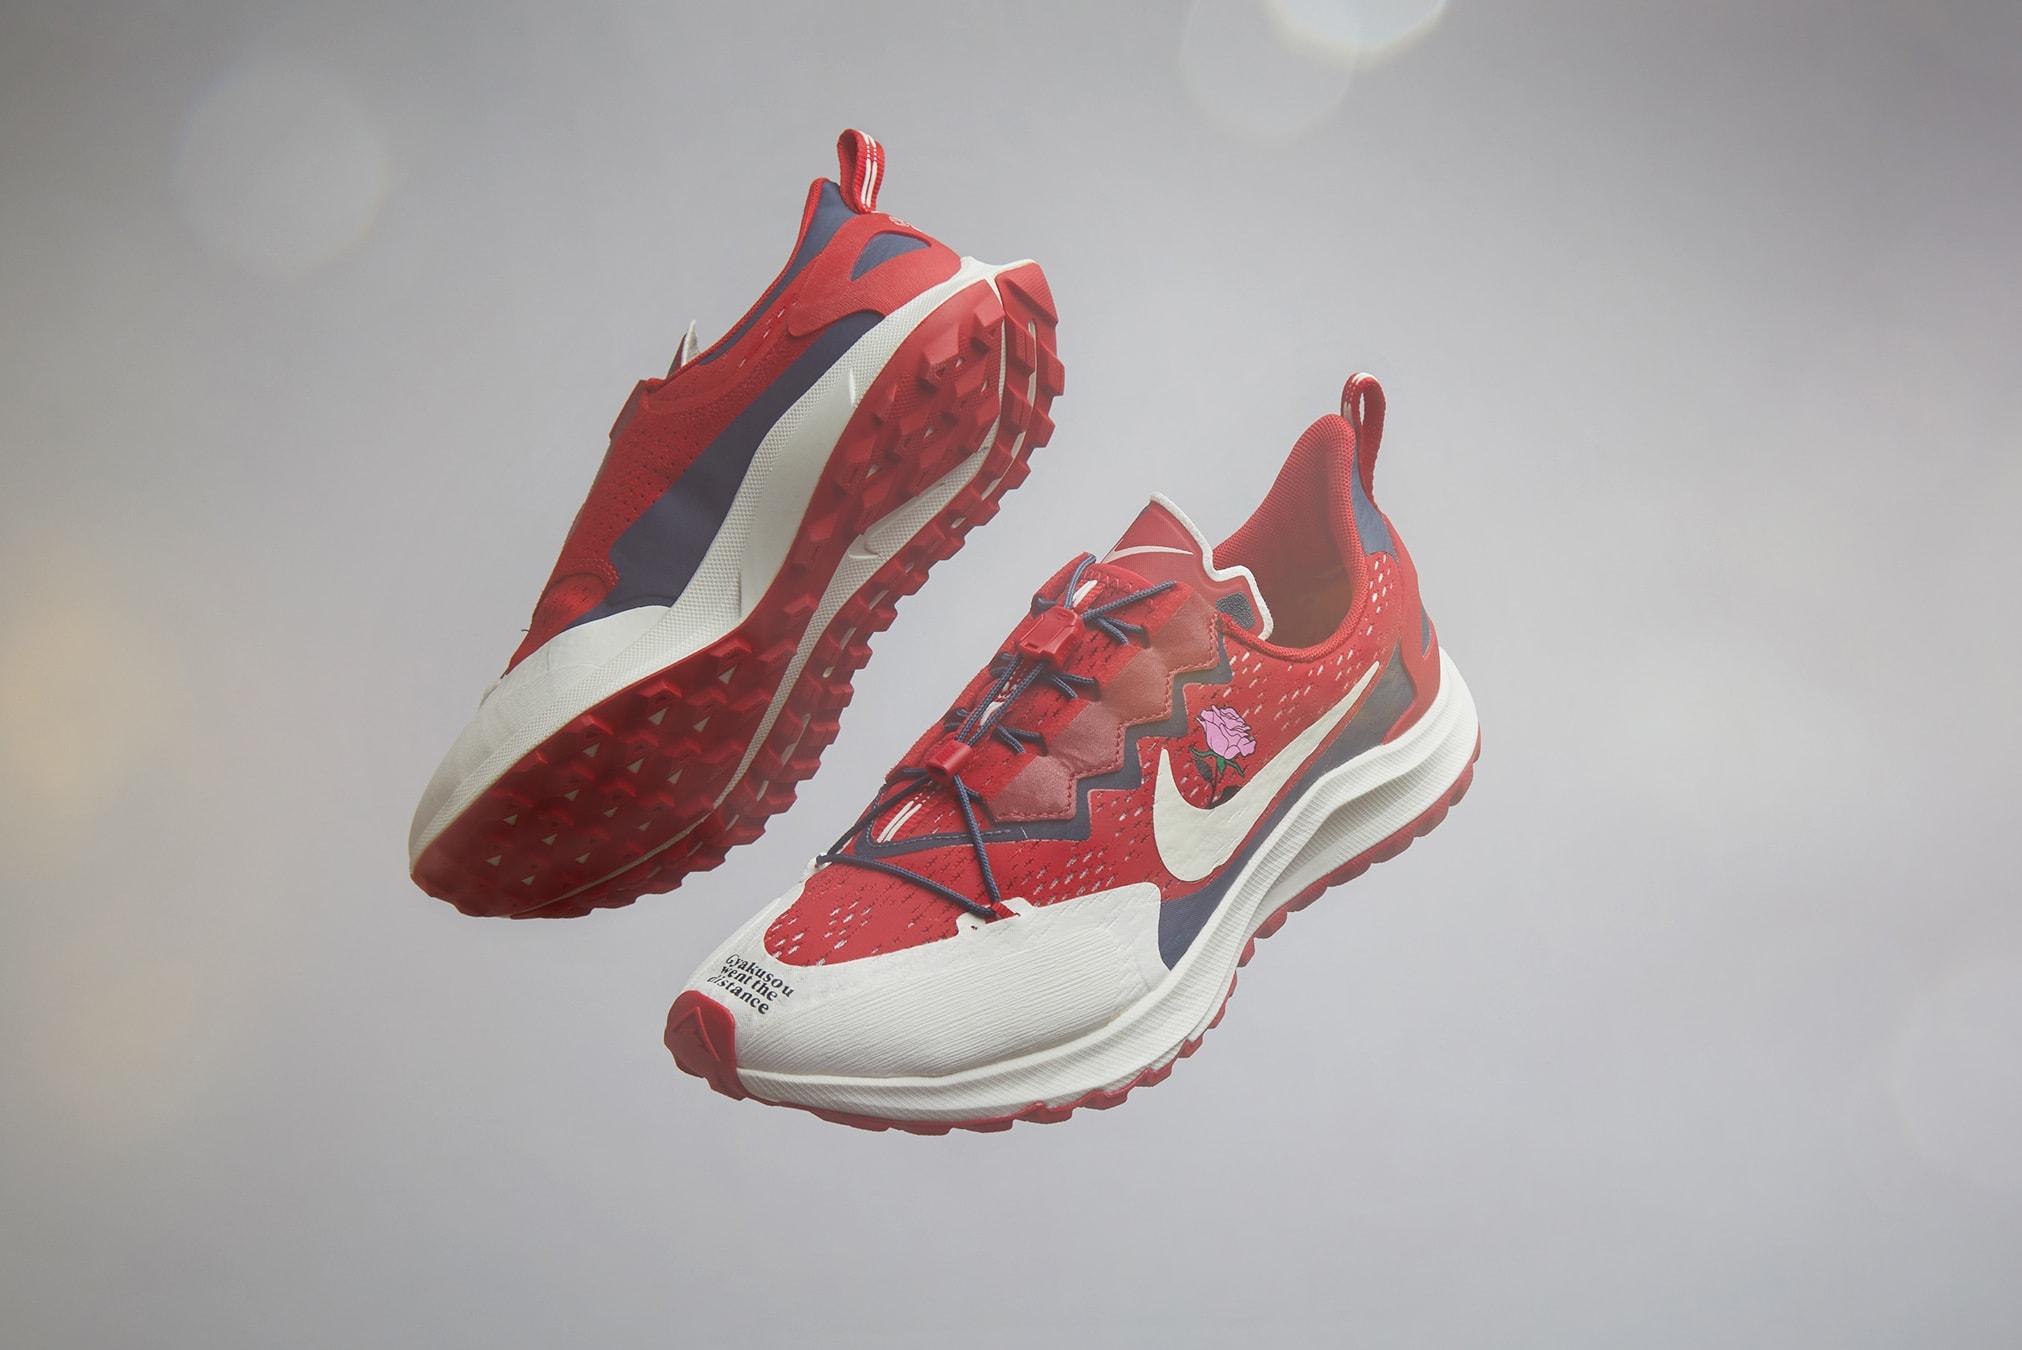 Nike x Gyakusou Trail SP - CD0383-600